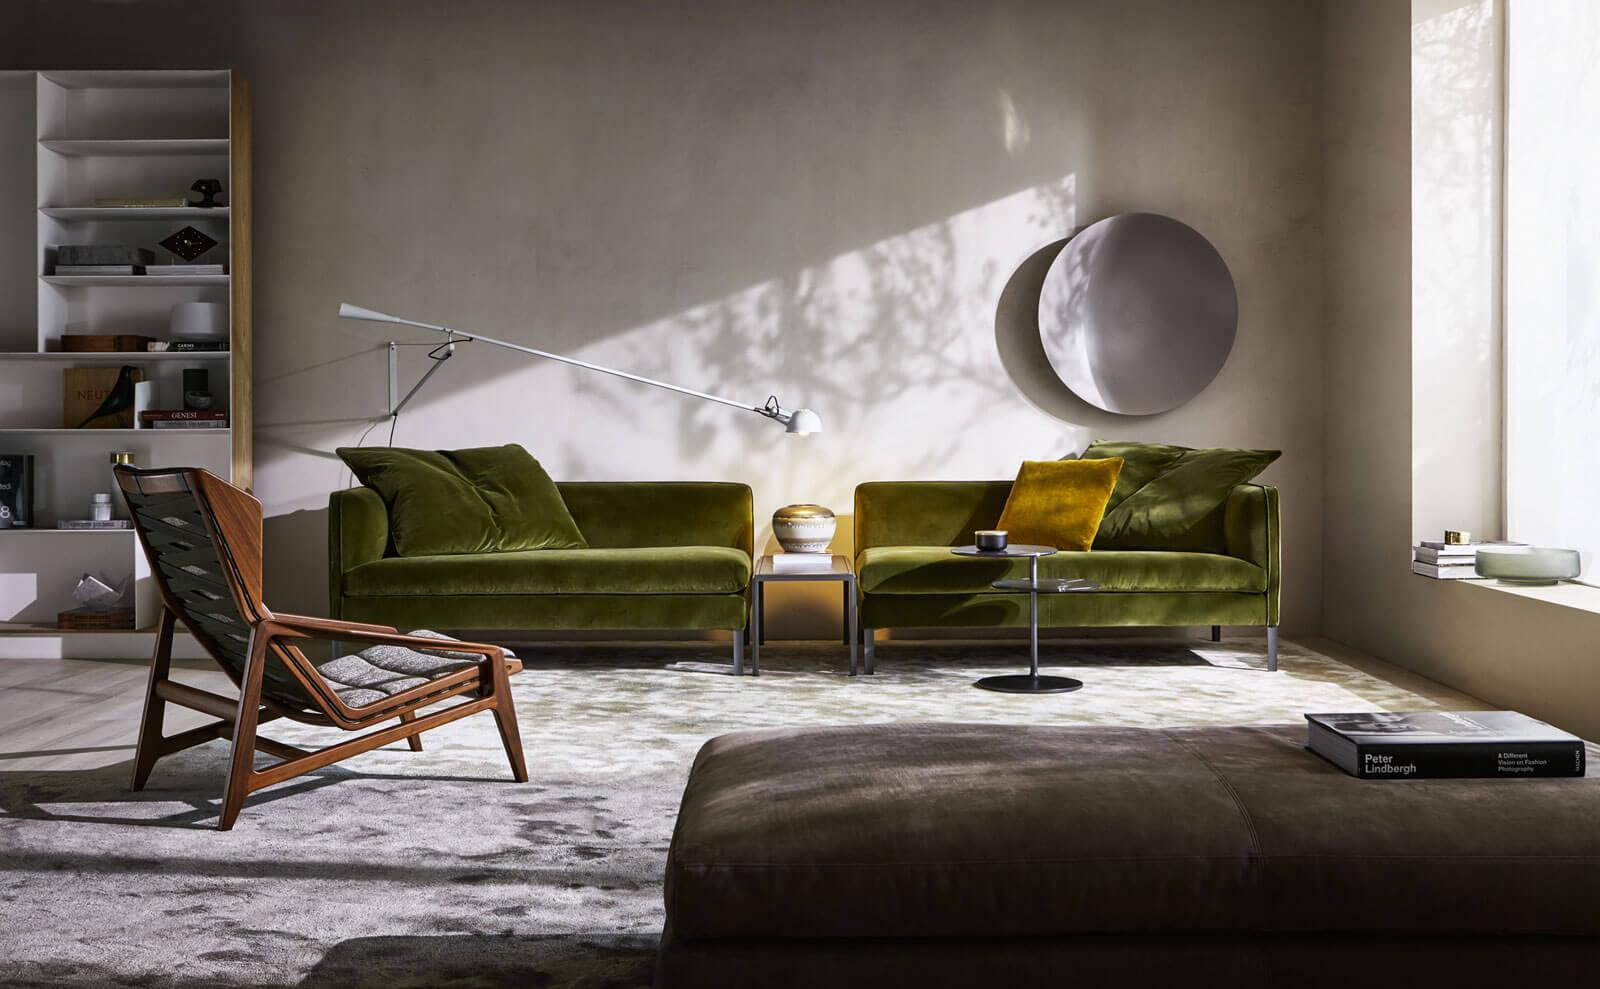 Sedute Paul - Devincenti negozio arredamento design Verona